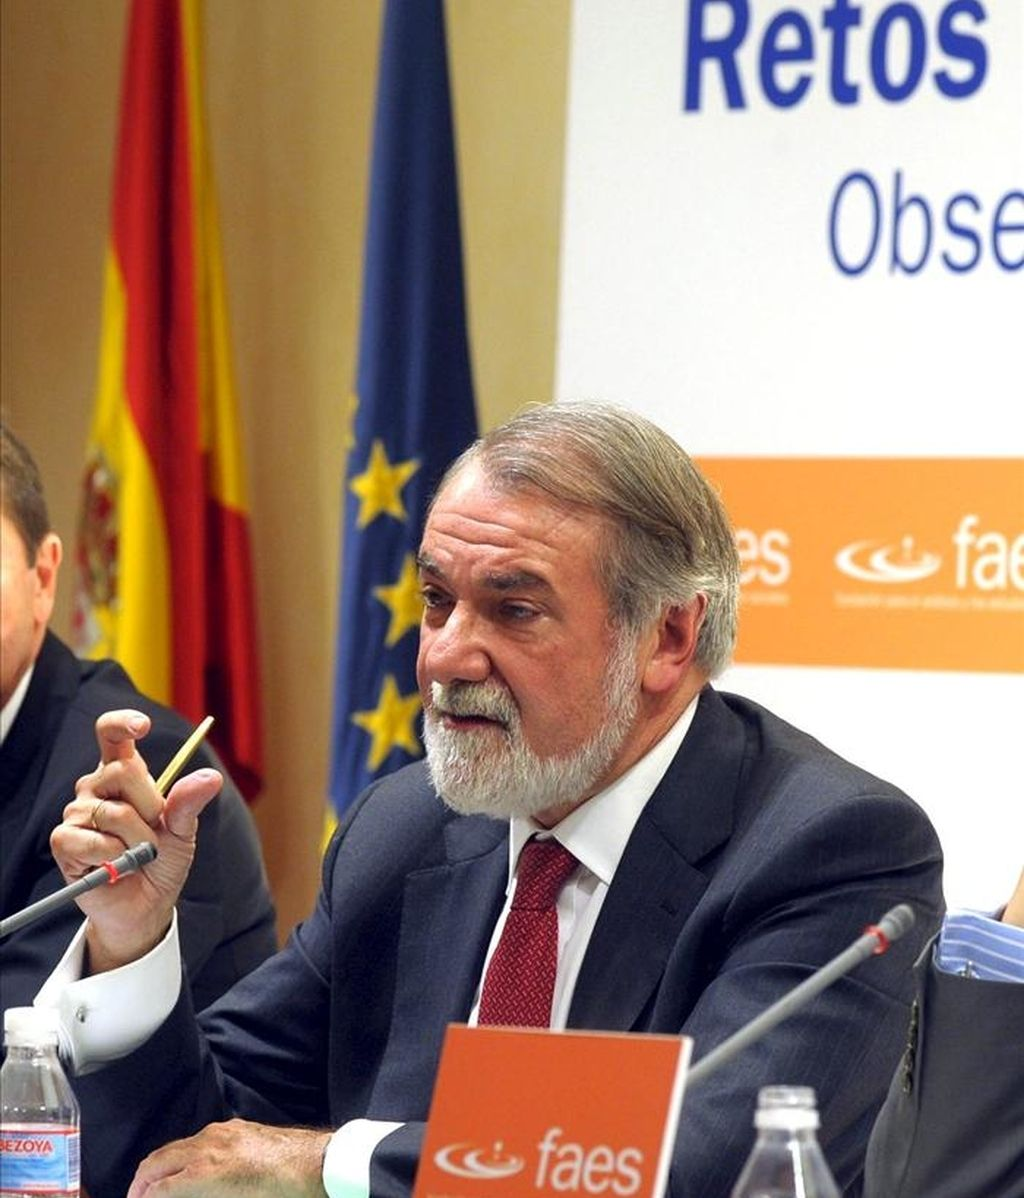 El portavoz del PP en el Parlamento Europeo, Jaime Mayor Oreja. EFE/Archivo